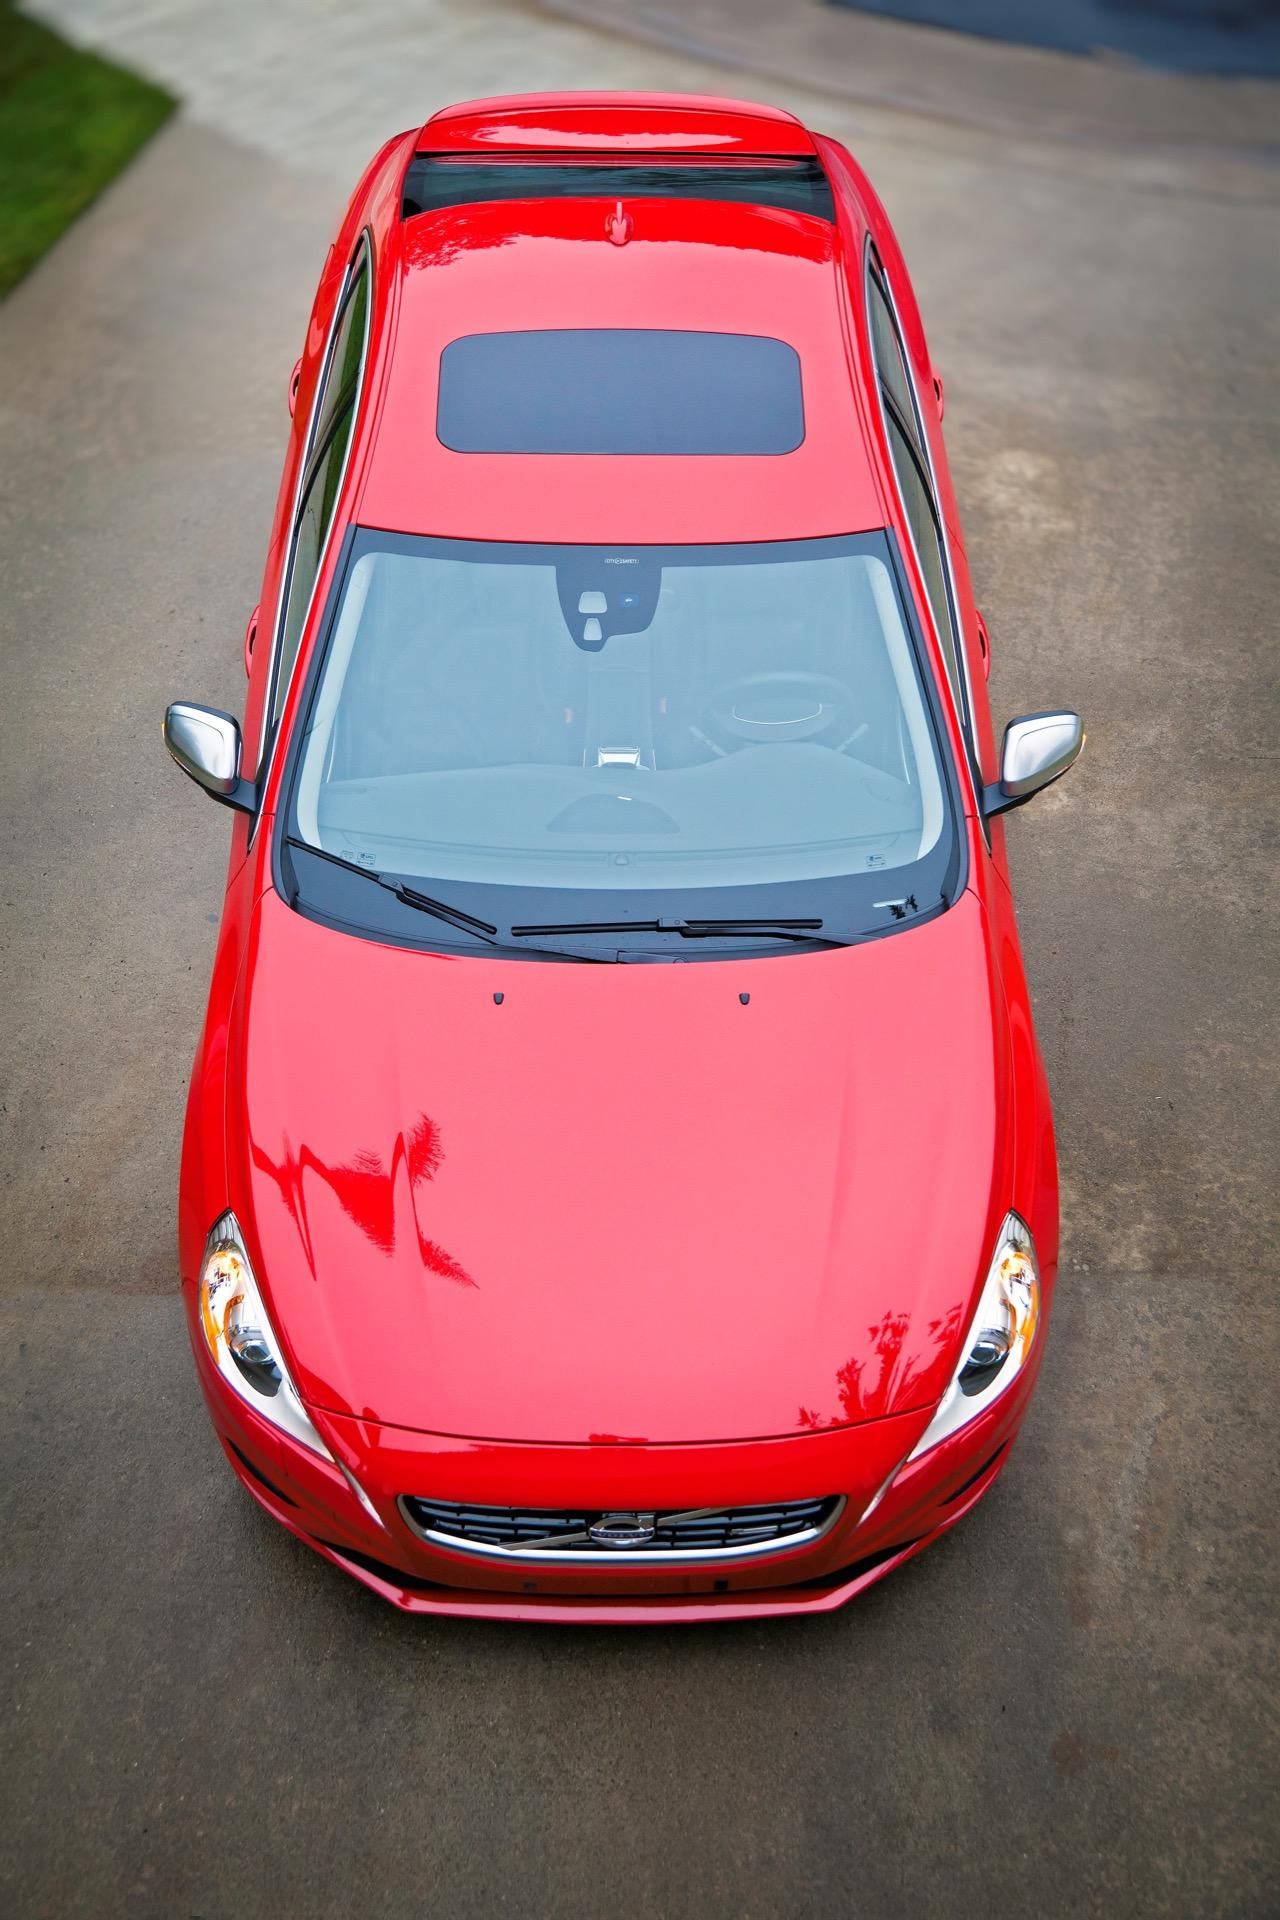 S60 R Design27 -  Volvo